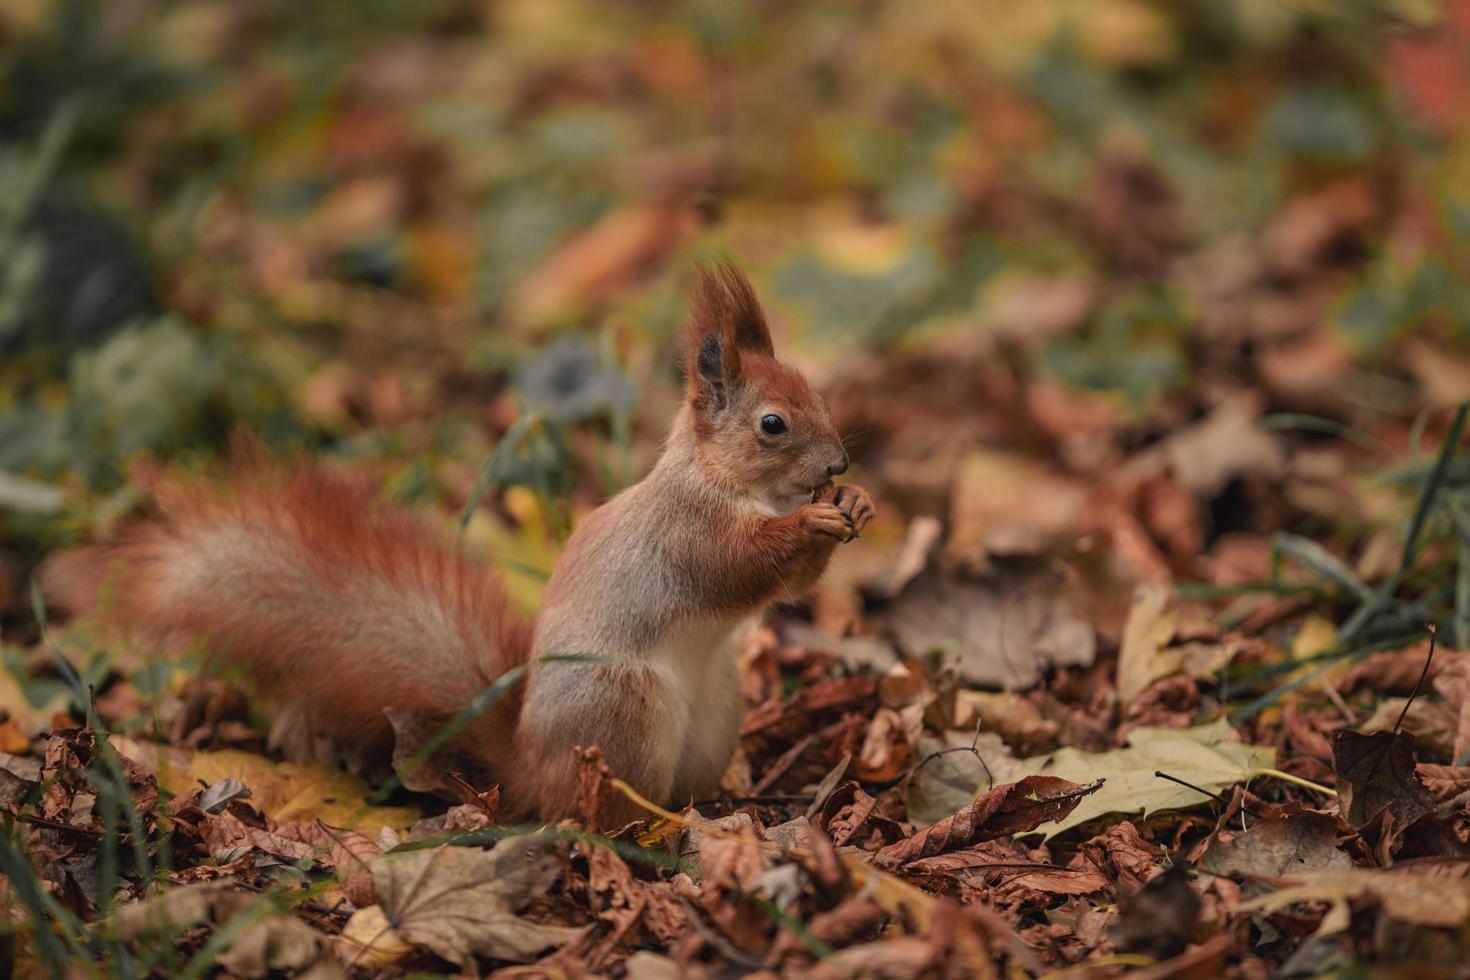 ardilla entre hojas. ardilla en el bosque de otoño con en medio de hojas amarillas foto